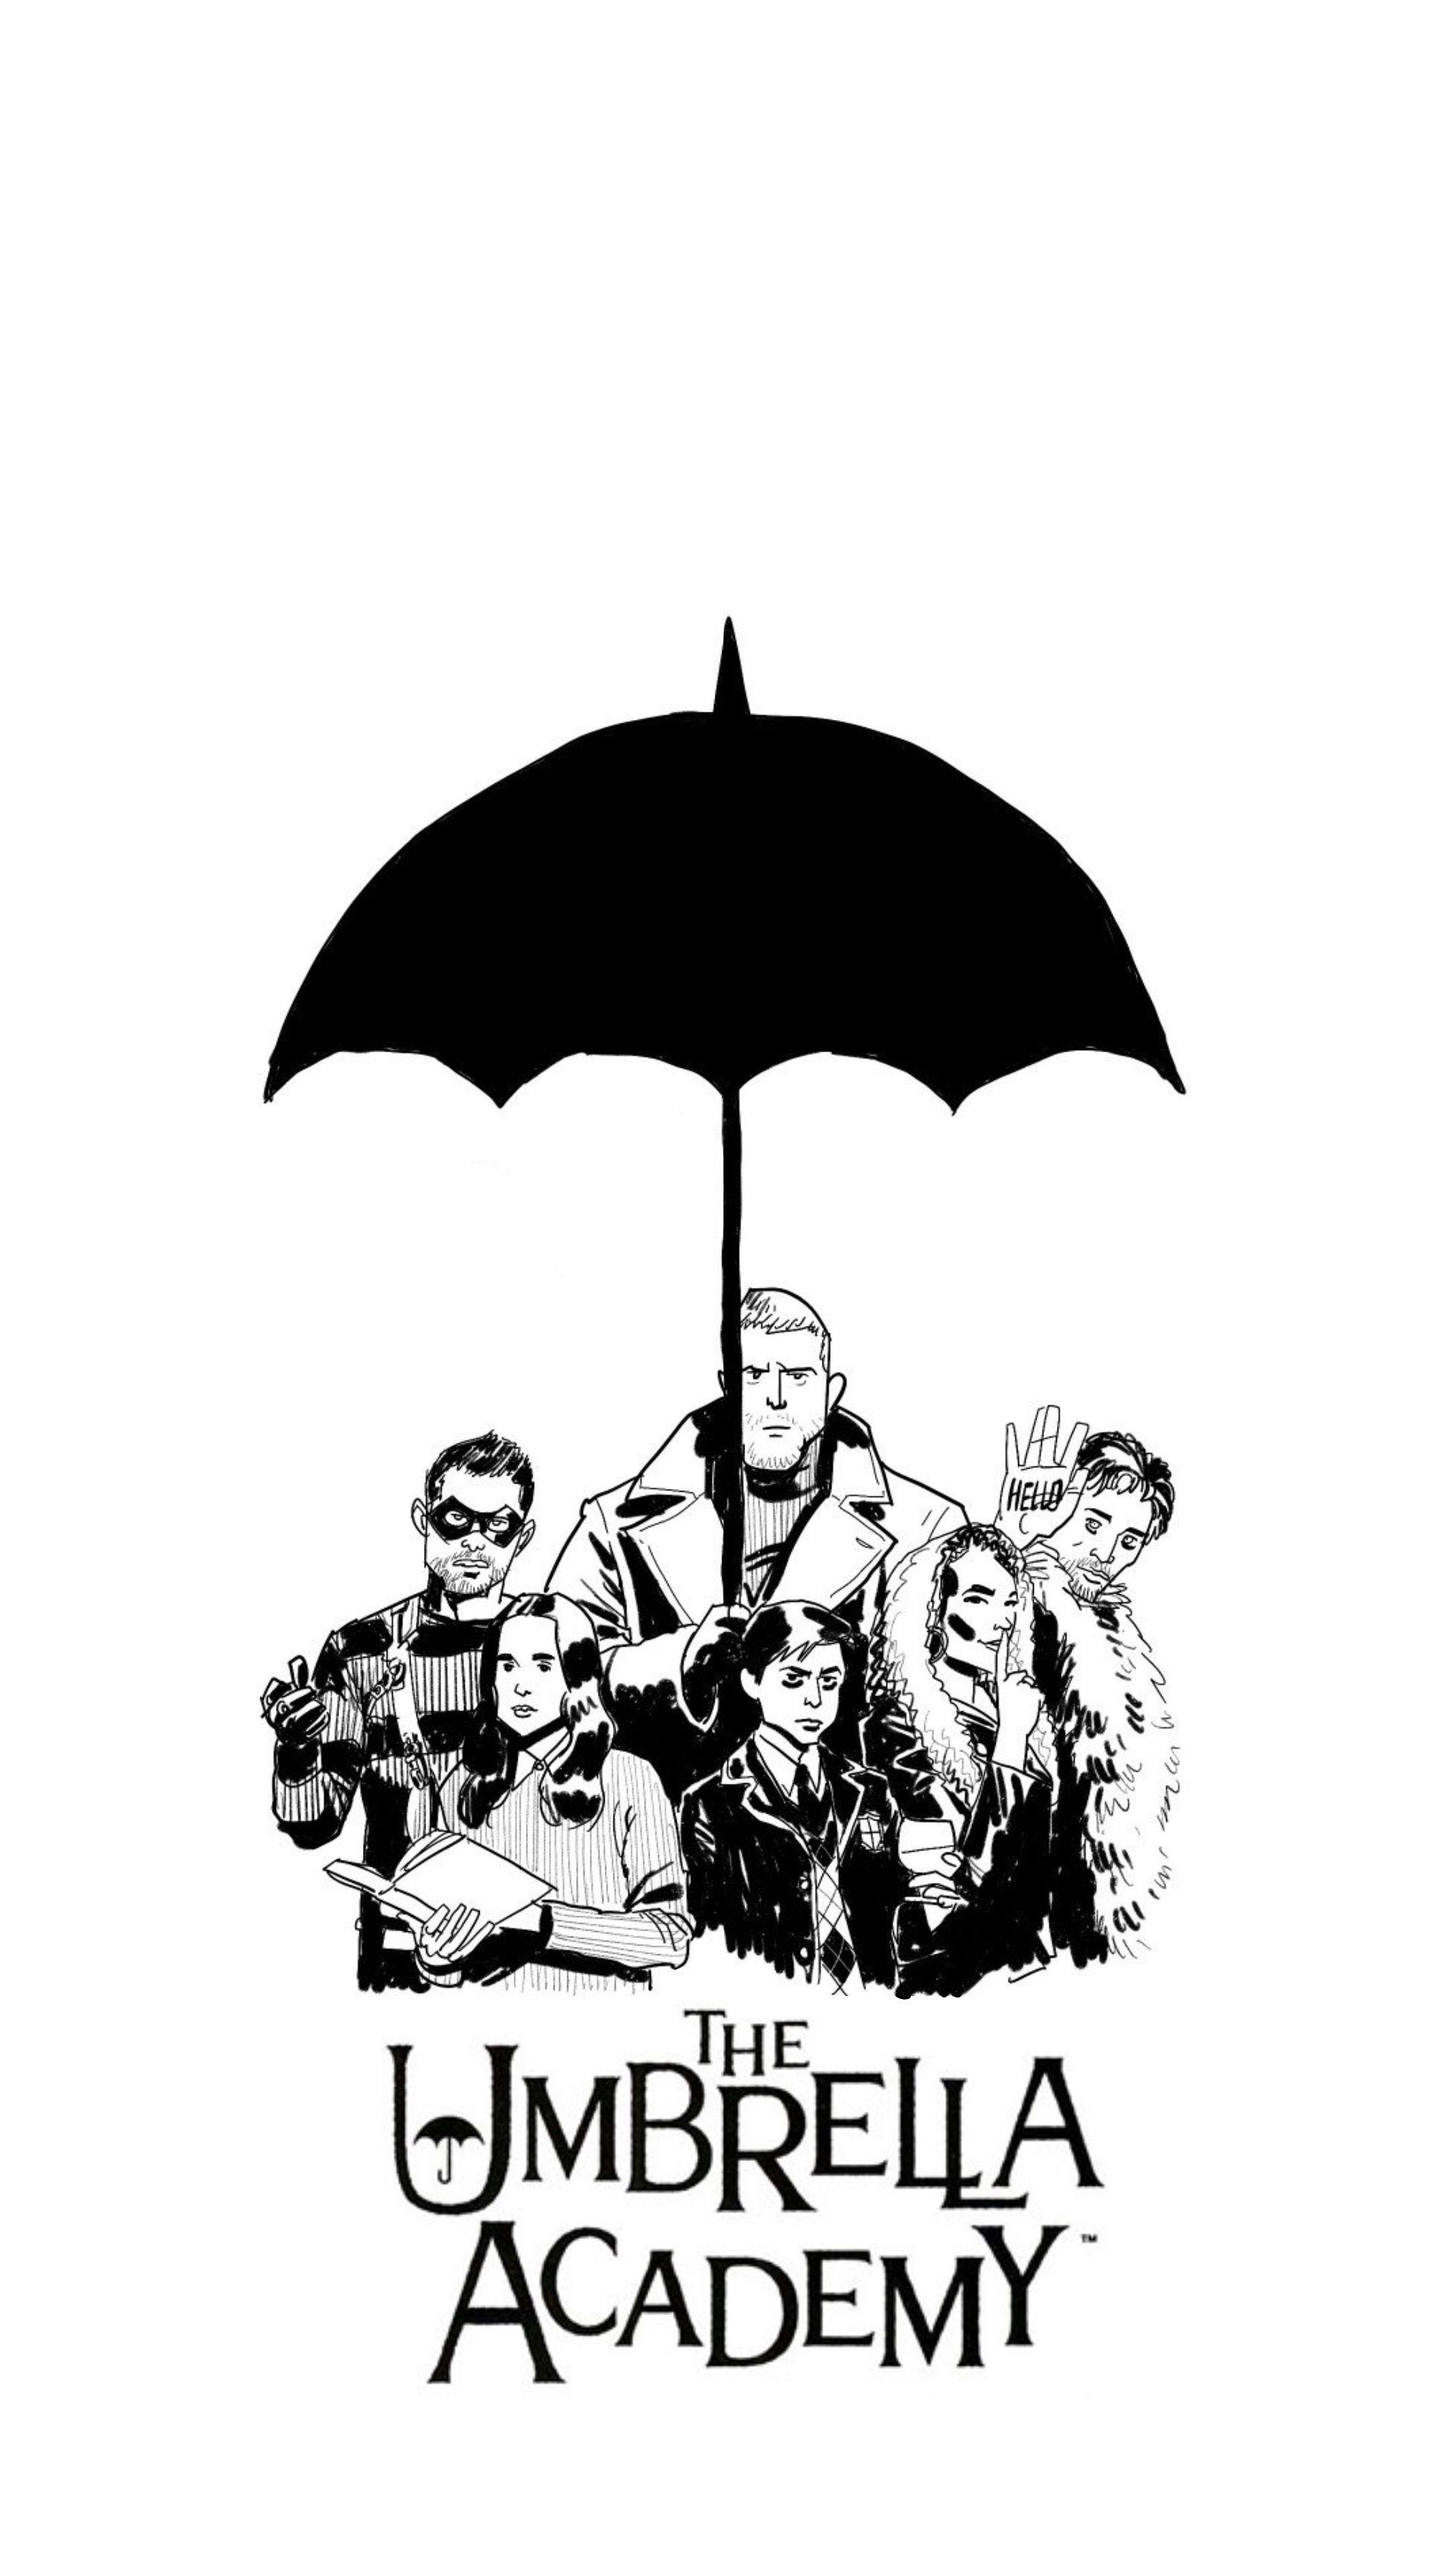 Umbrella Academy Wallpaper Umbrella Academy Under My Umbrella